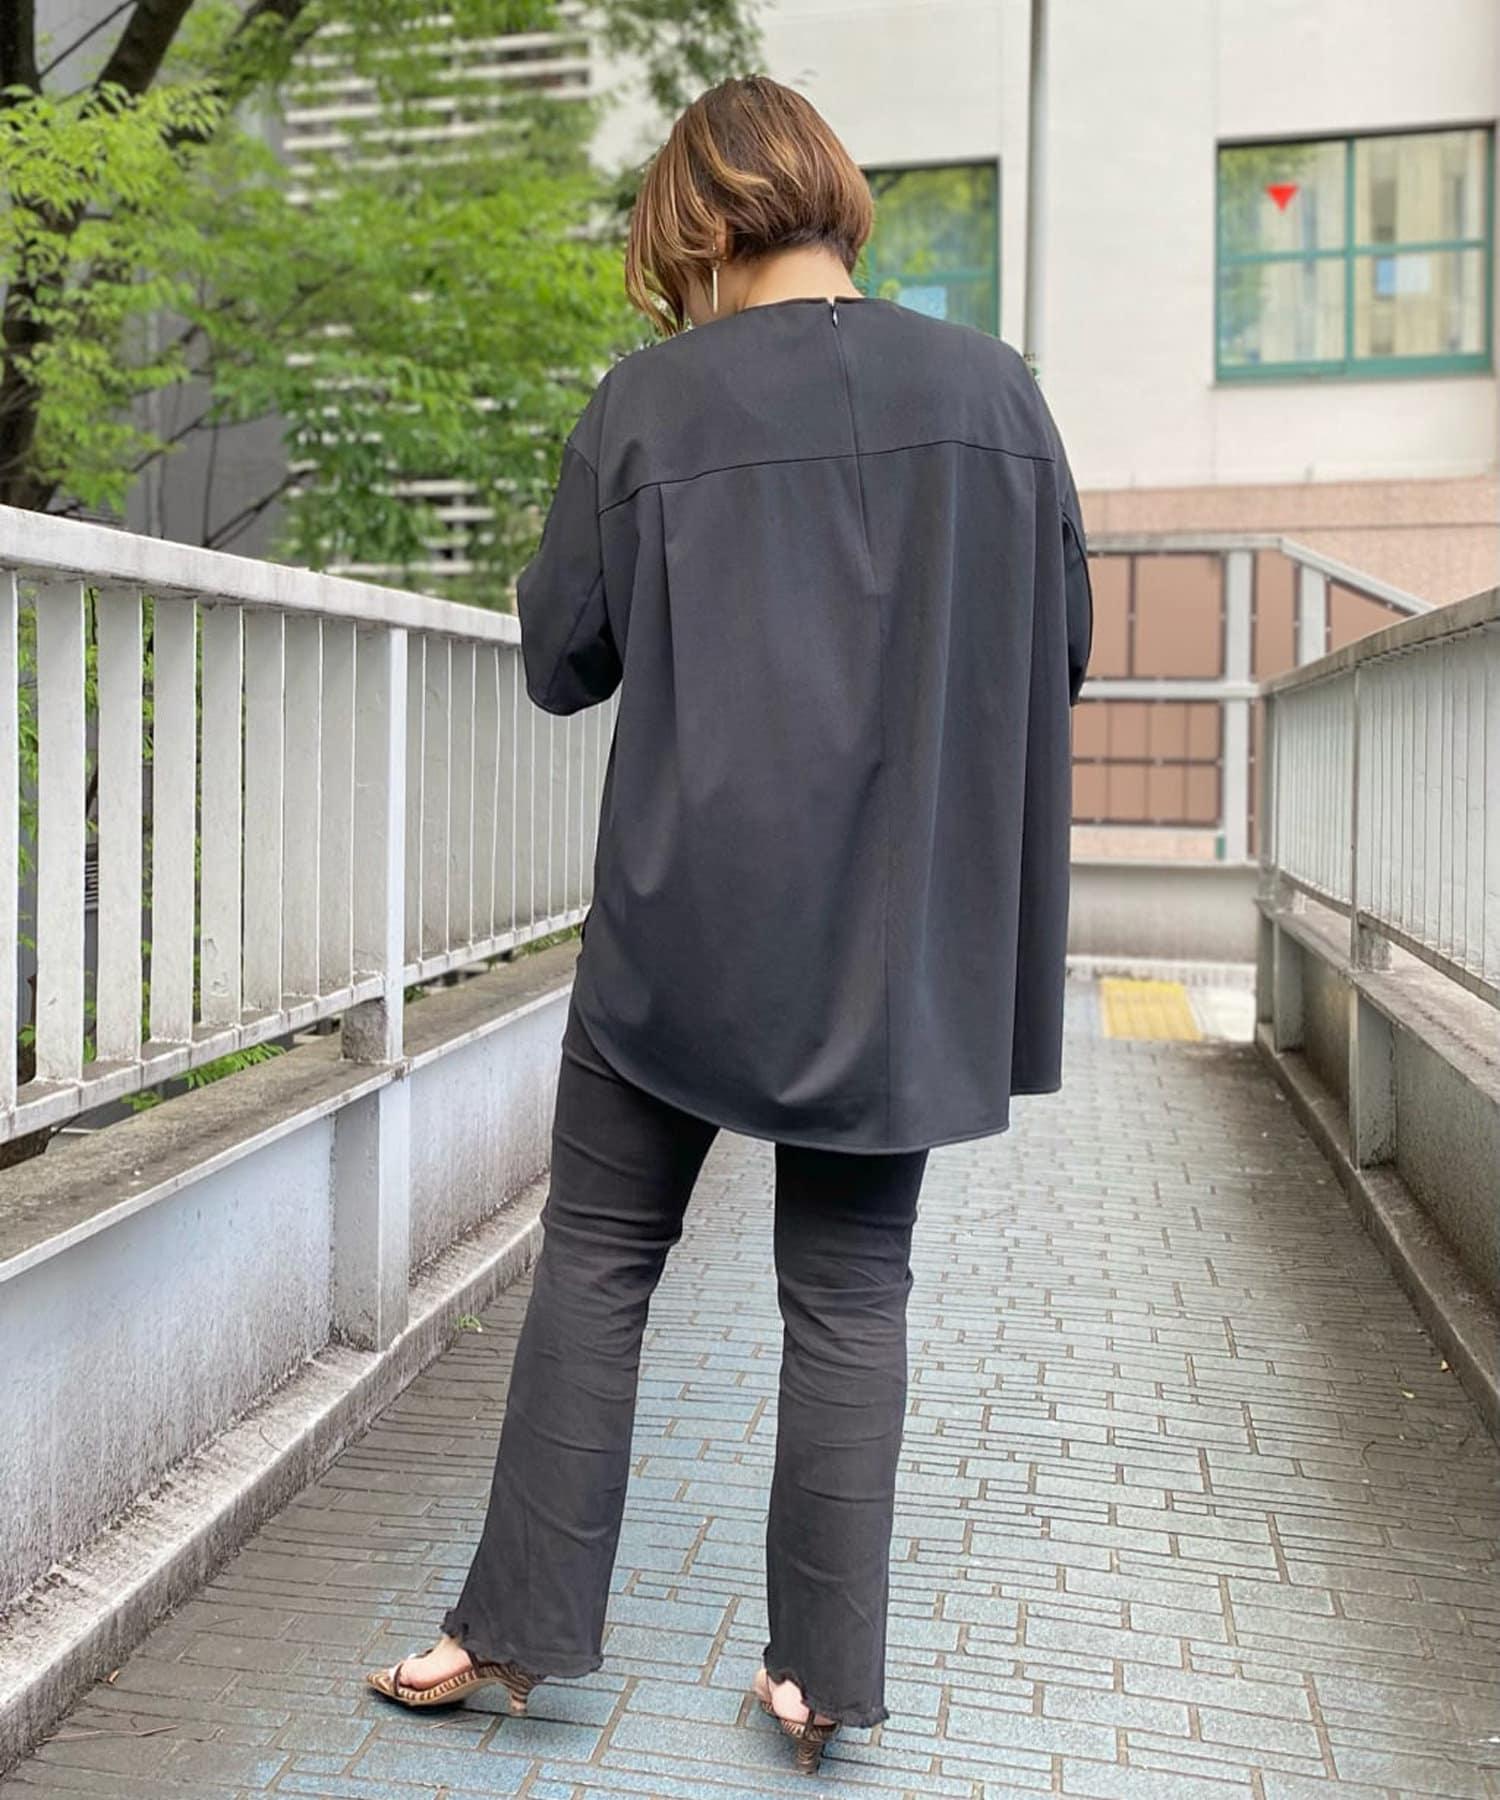 RIVE DROITE(リヴドロワ) 【神山まりあさんコラボ】クイックドライバックフォルムTシャツ